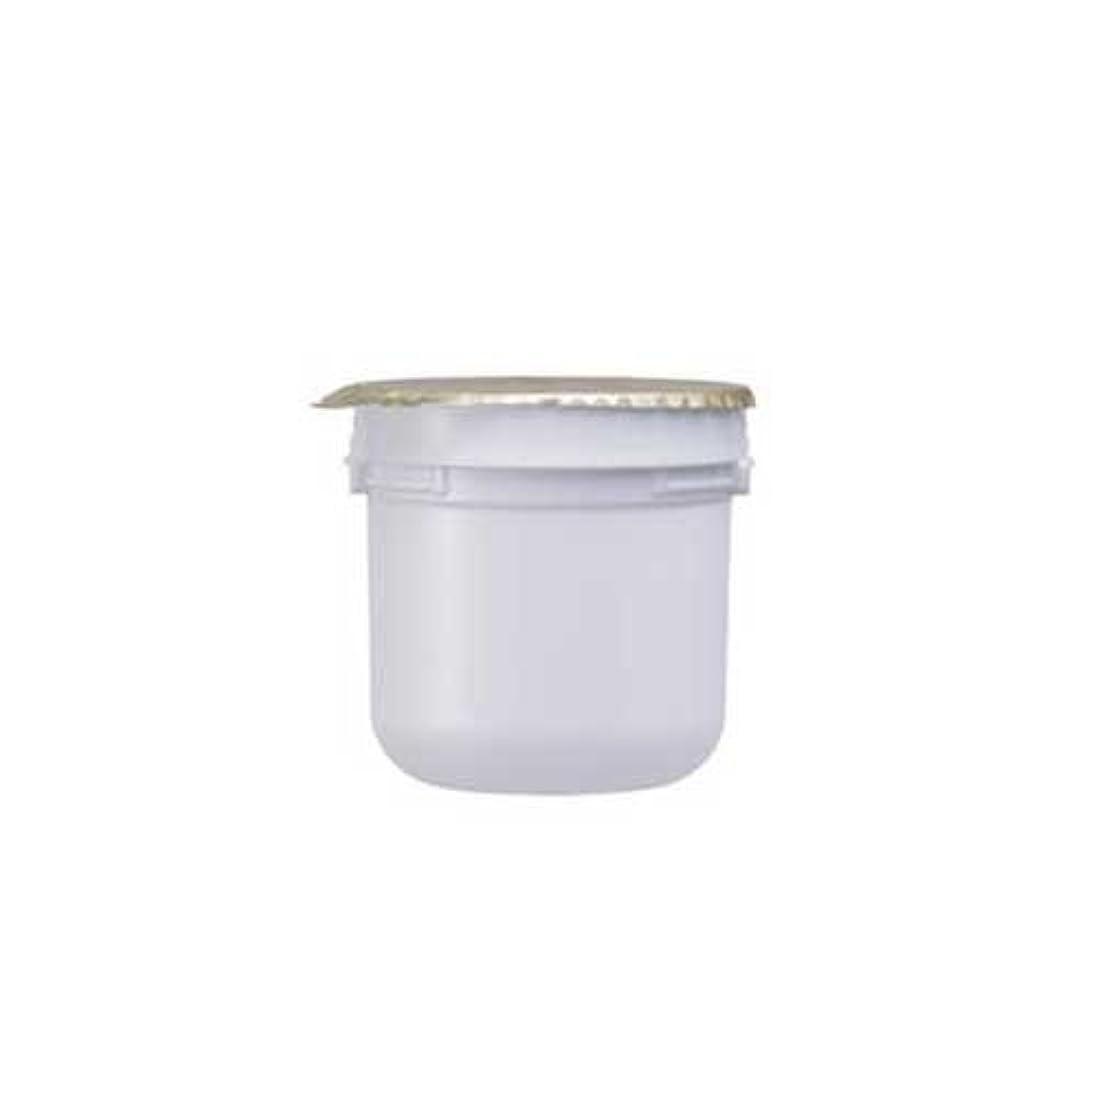 ヨーロッパ絶縁する頻繁にASTALIFT(アスタリフト) ホワイト クリーム(美白クリーム)レフィル 30g